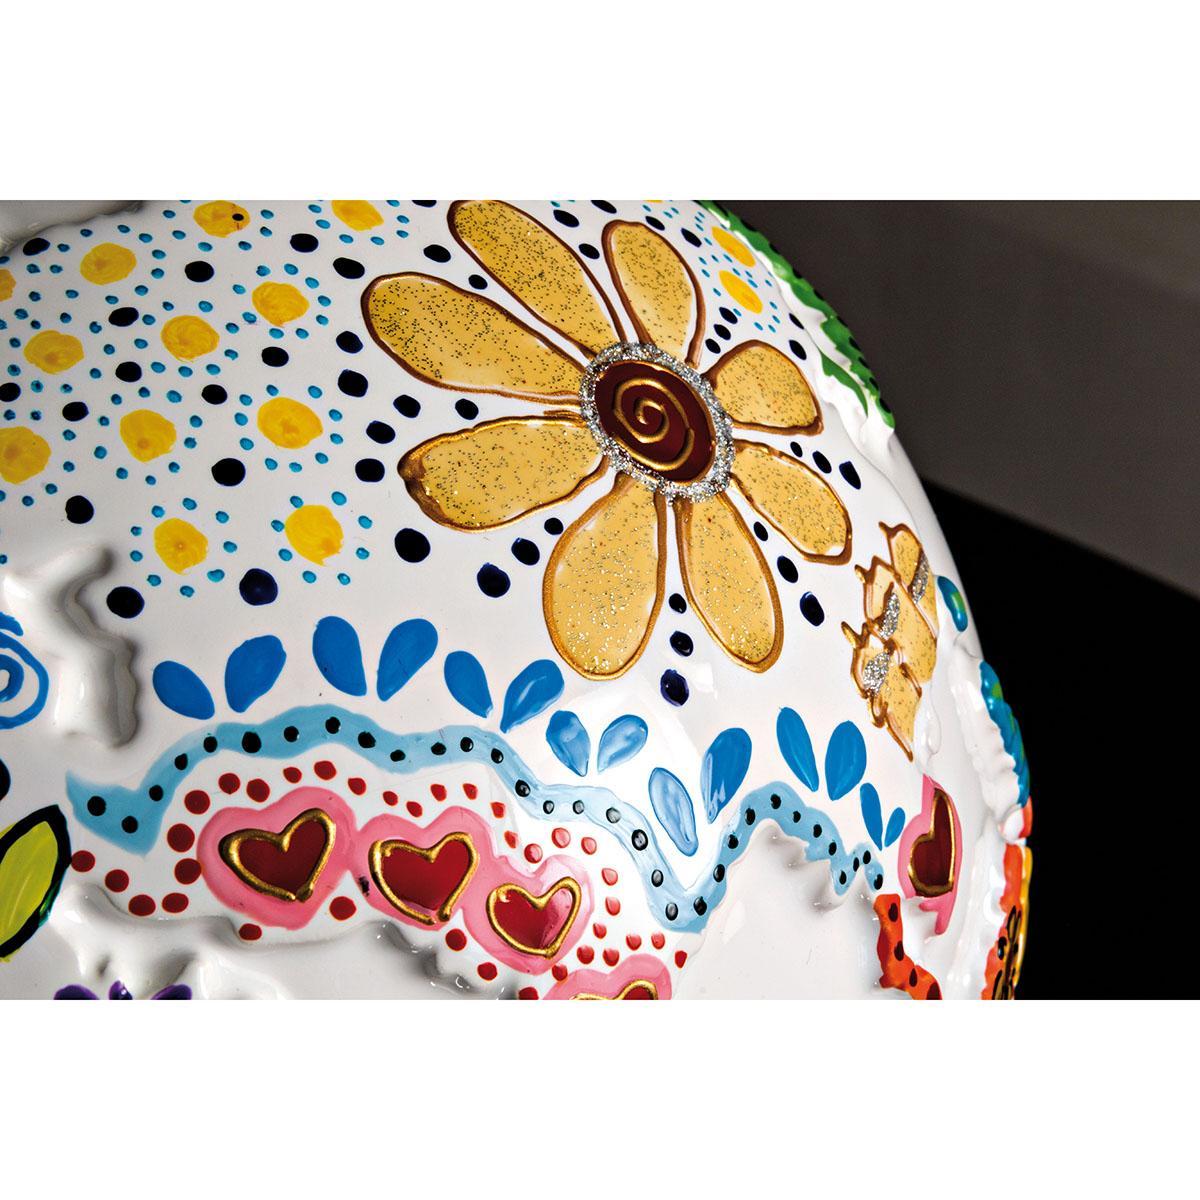 dettaglio decoro realizzato a mano sul pianeta dell'arte united colors on white